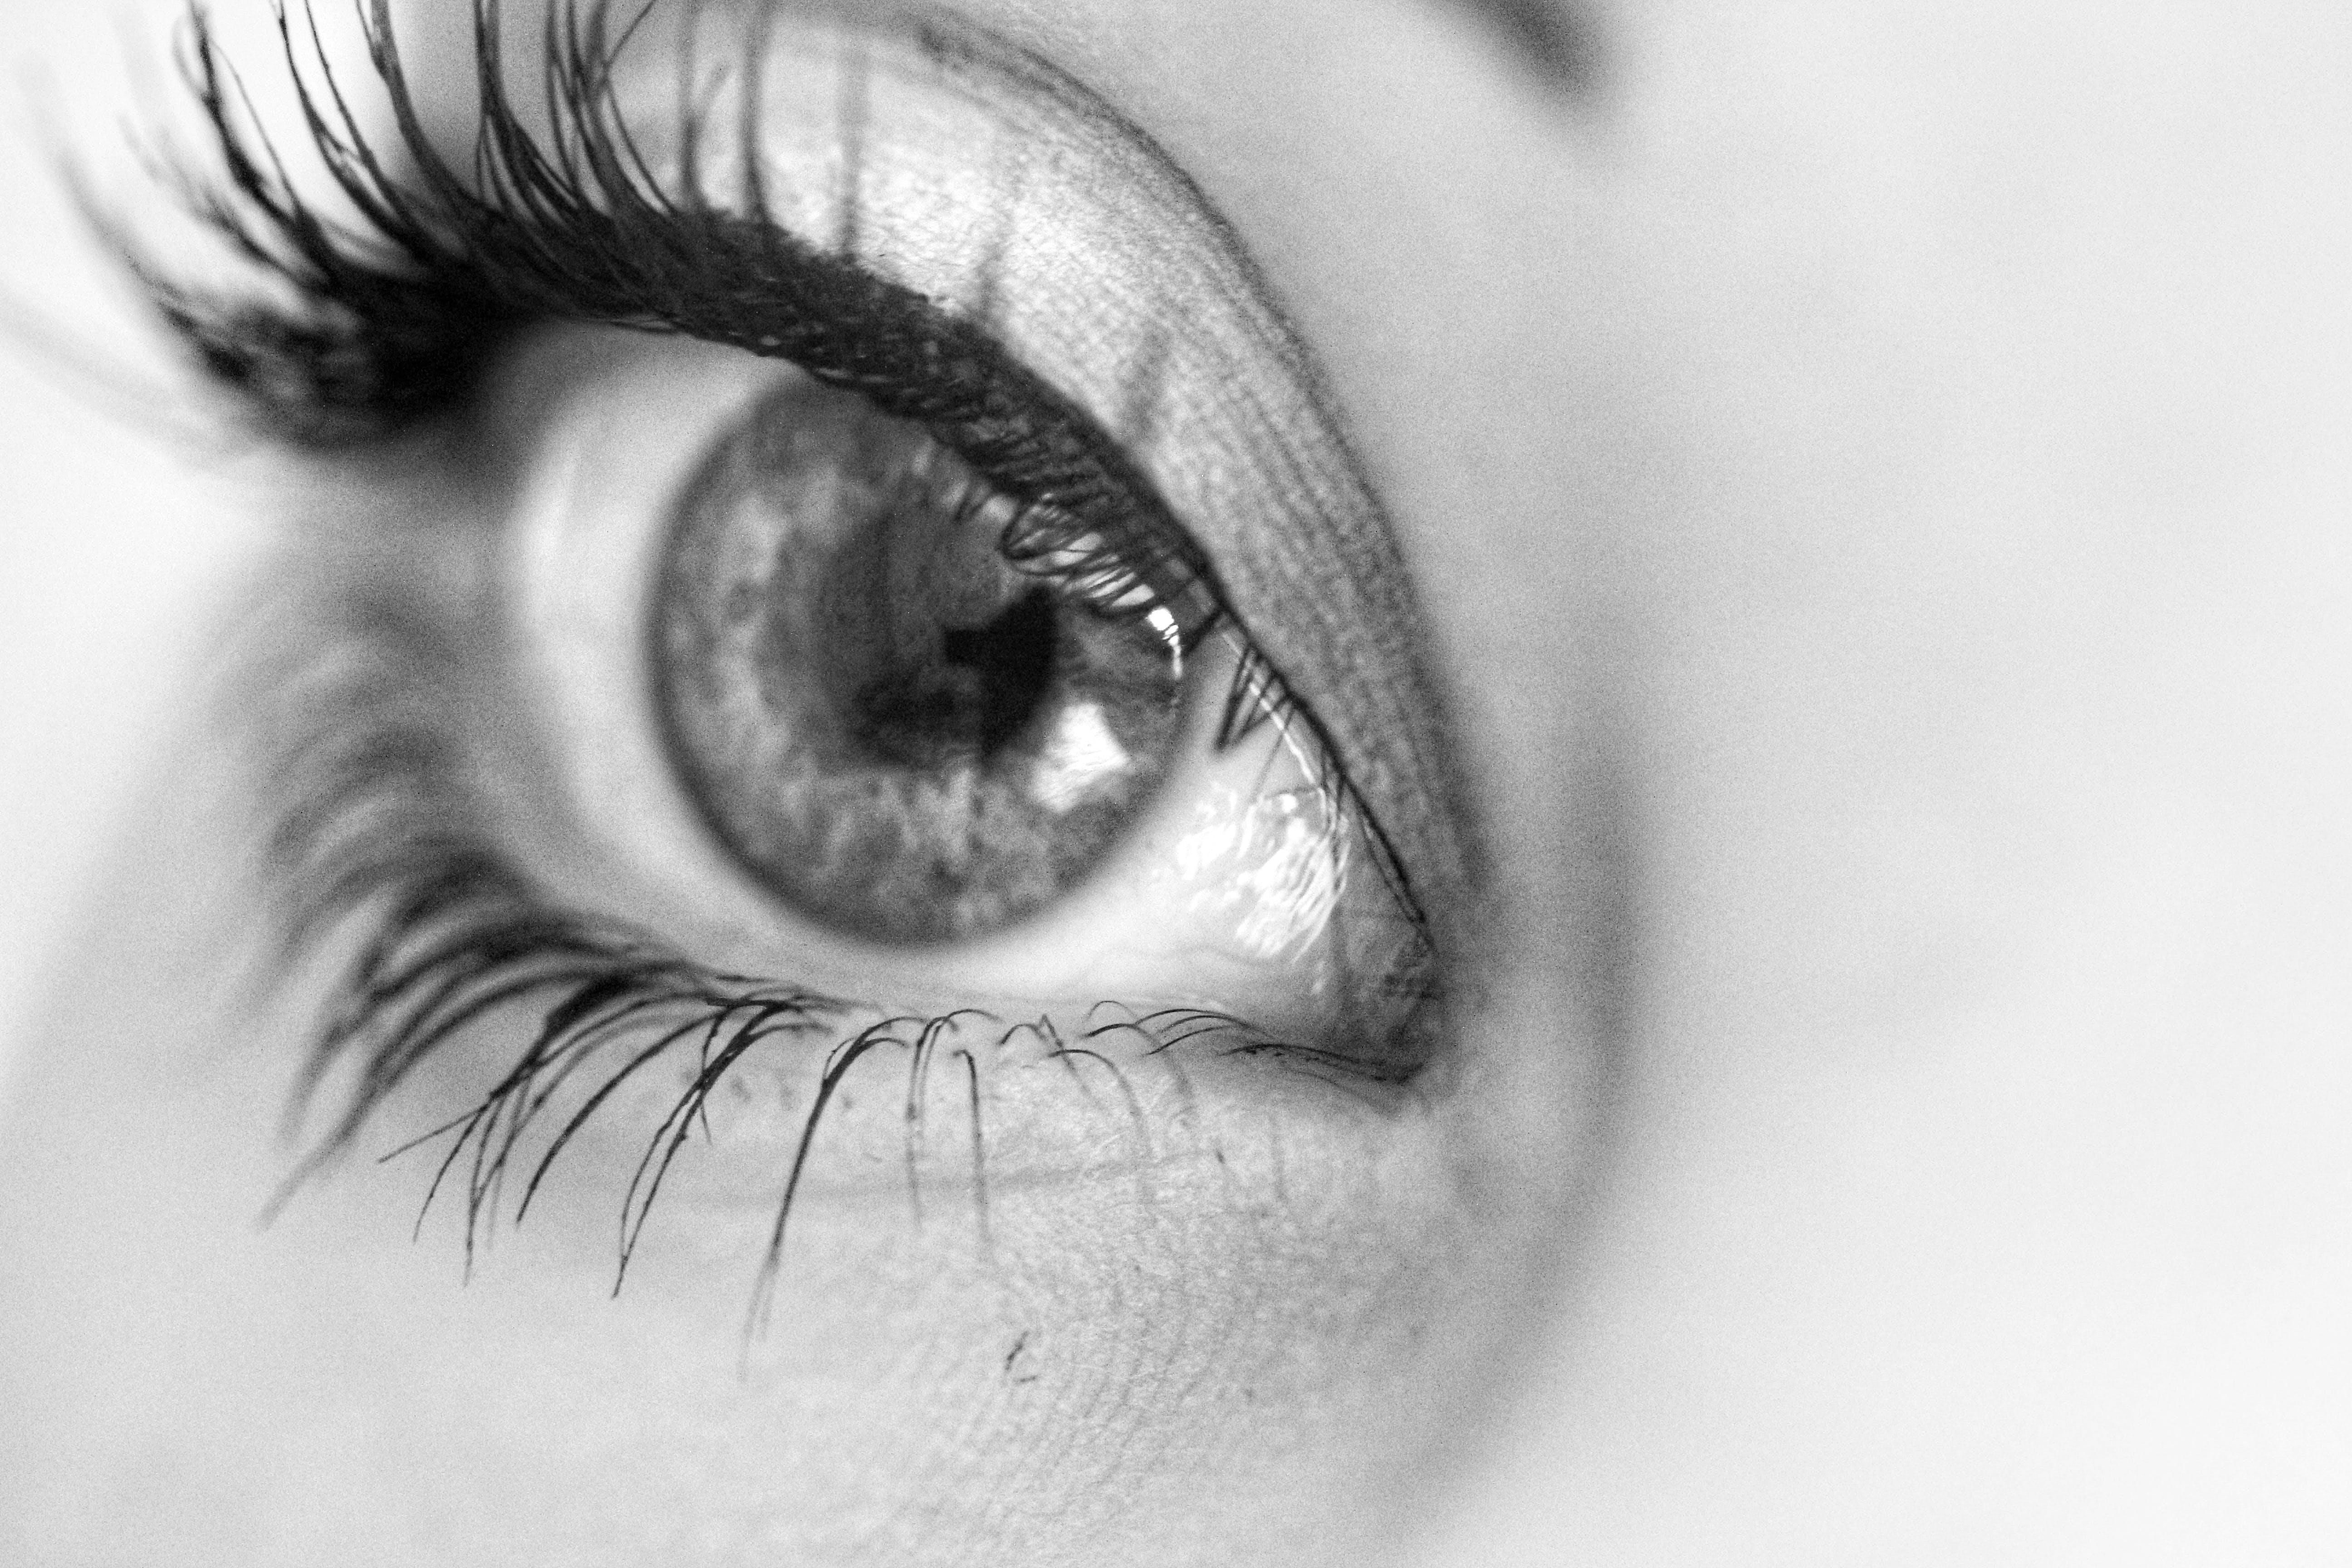 Fotos de stock gratuitas de blanco y negro, globo ocular, ojo, pestañas